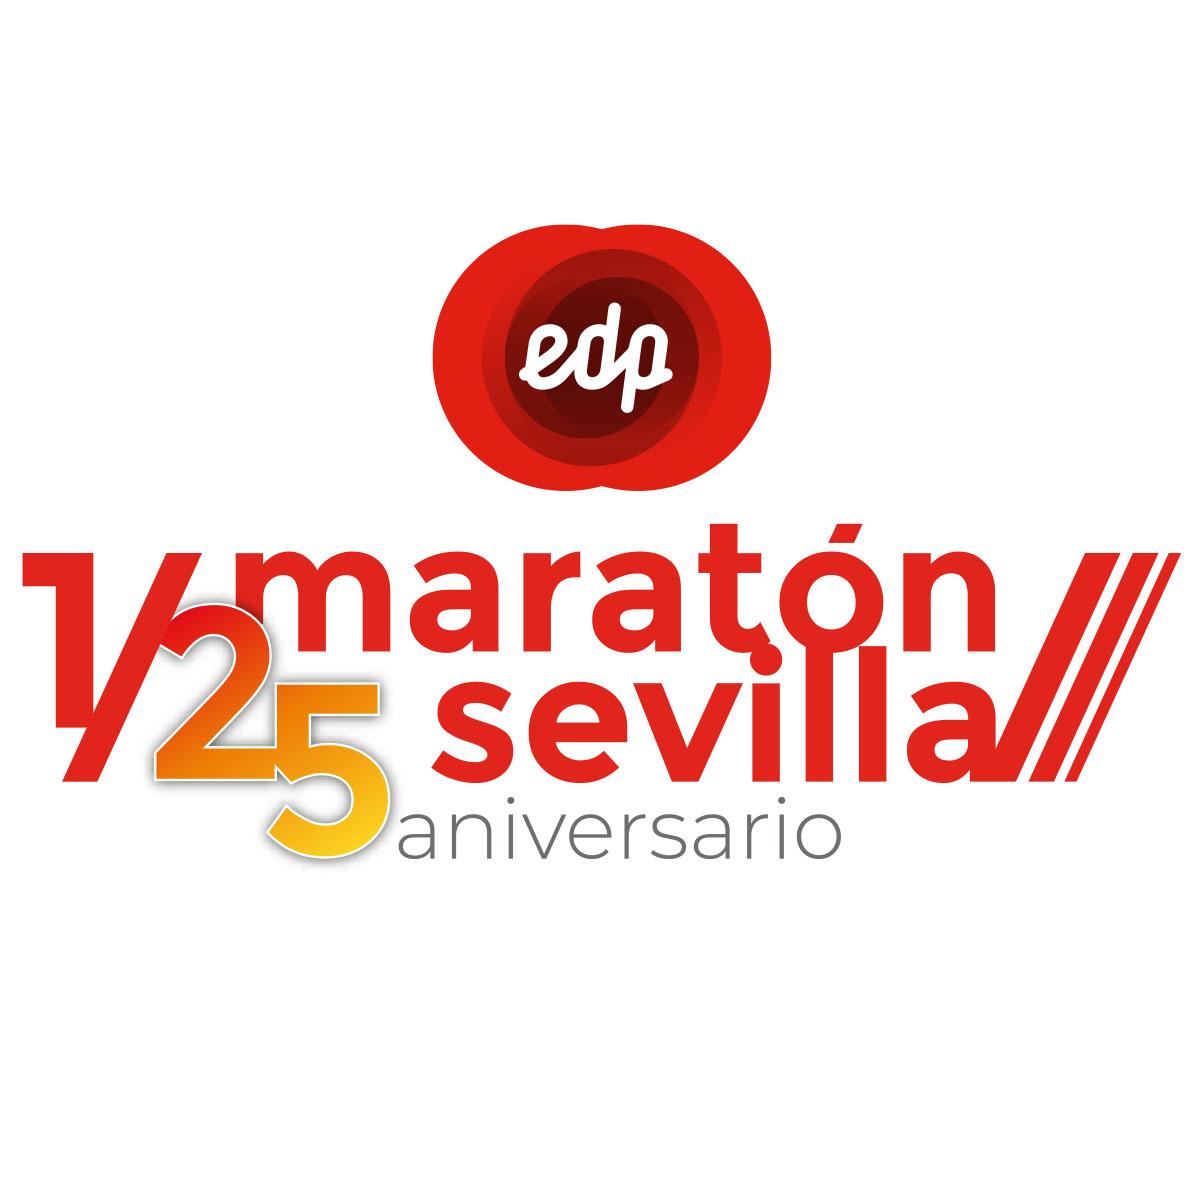 medio-maraton-25-sevilla-aniversario_0001